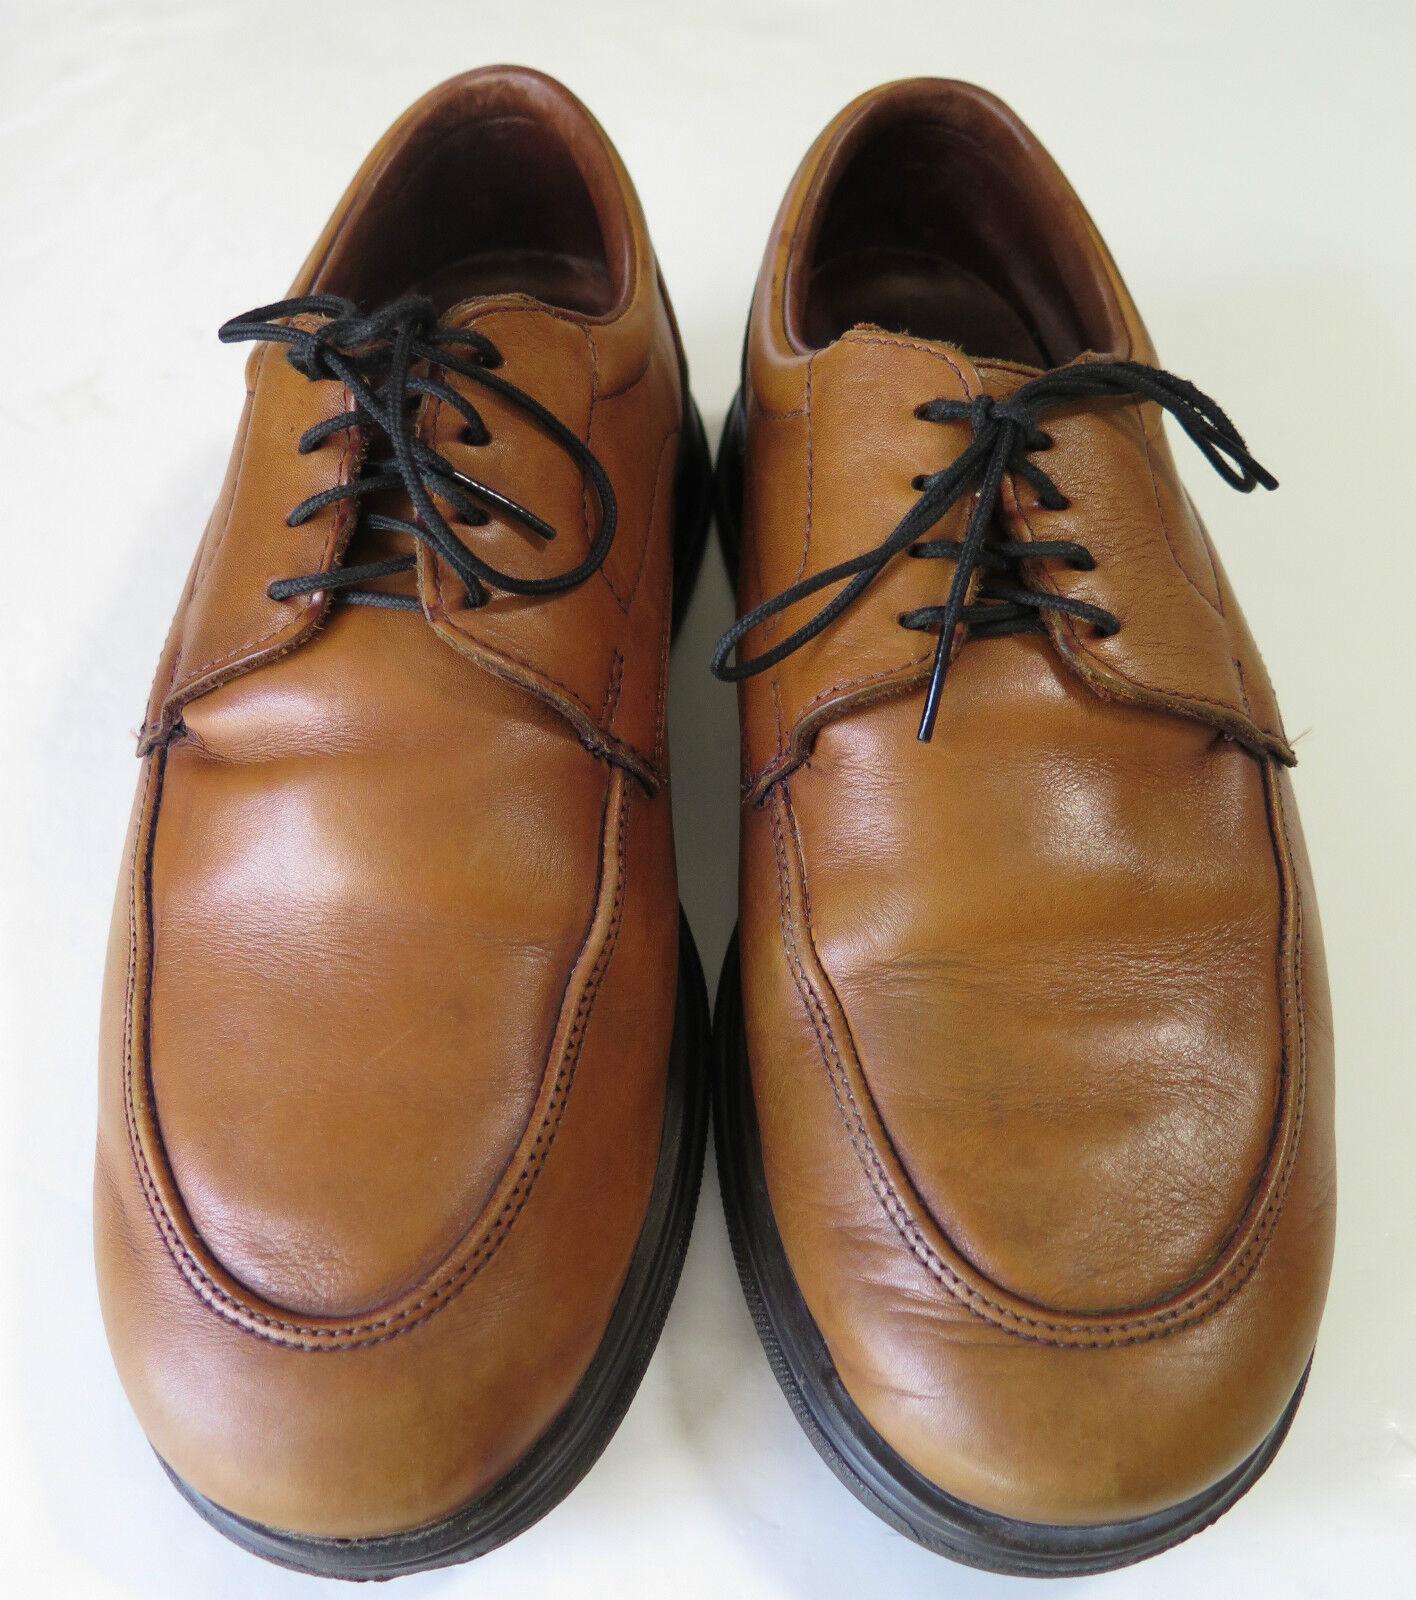 Allen Edmonds Light Brown Lace Up Rubber Sole Oxford Dress Casual shoes Size 9 D